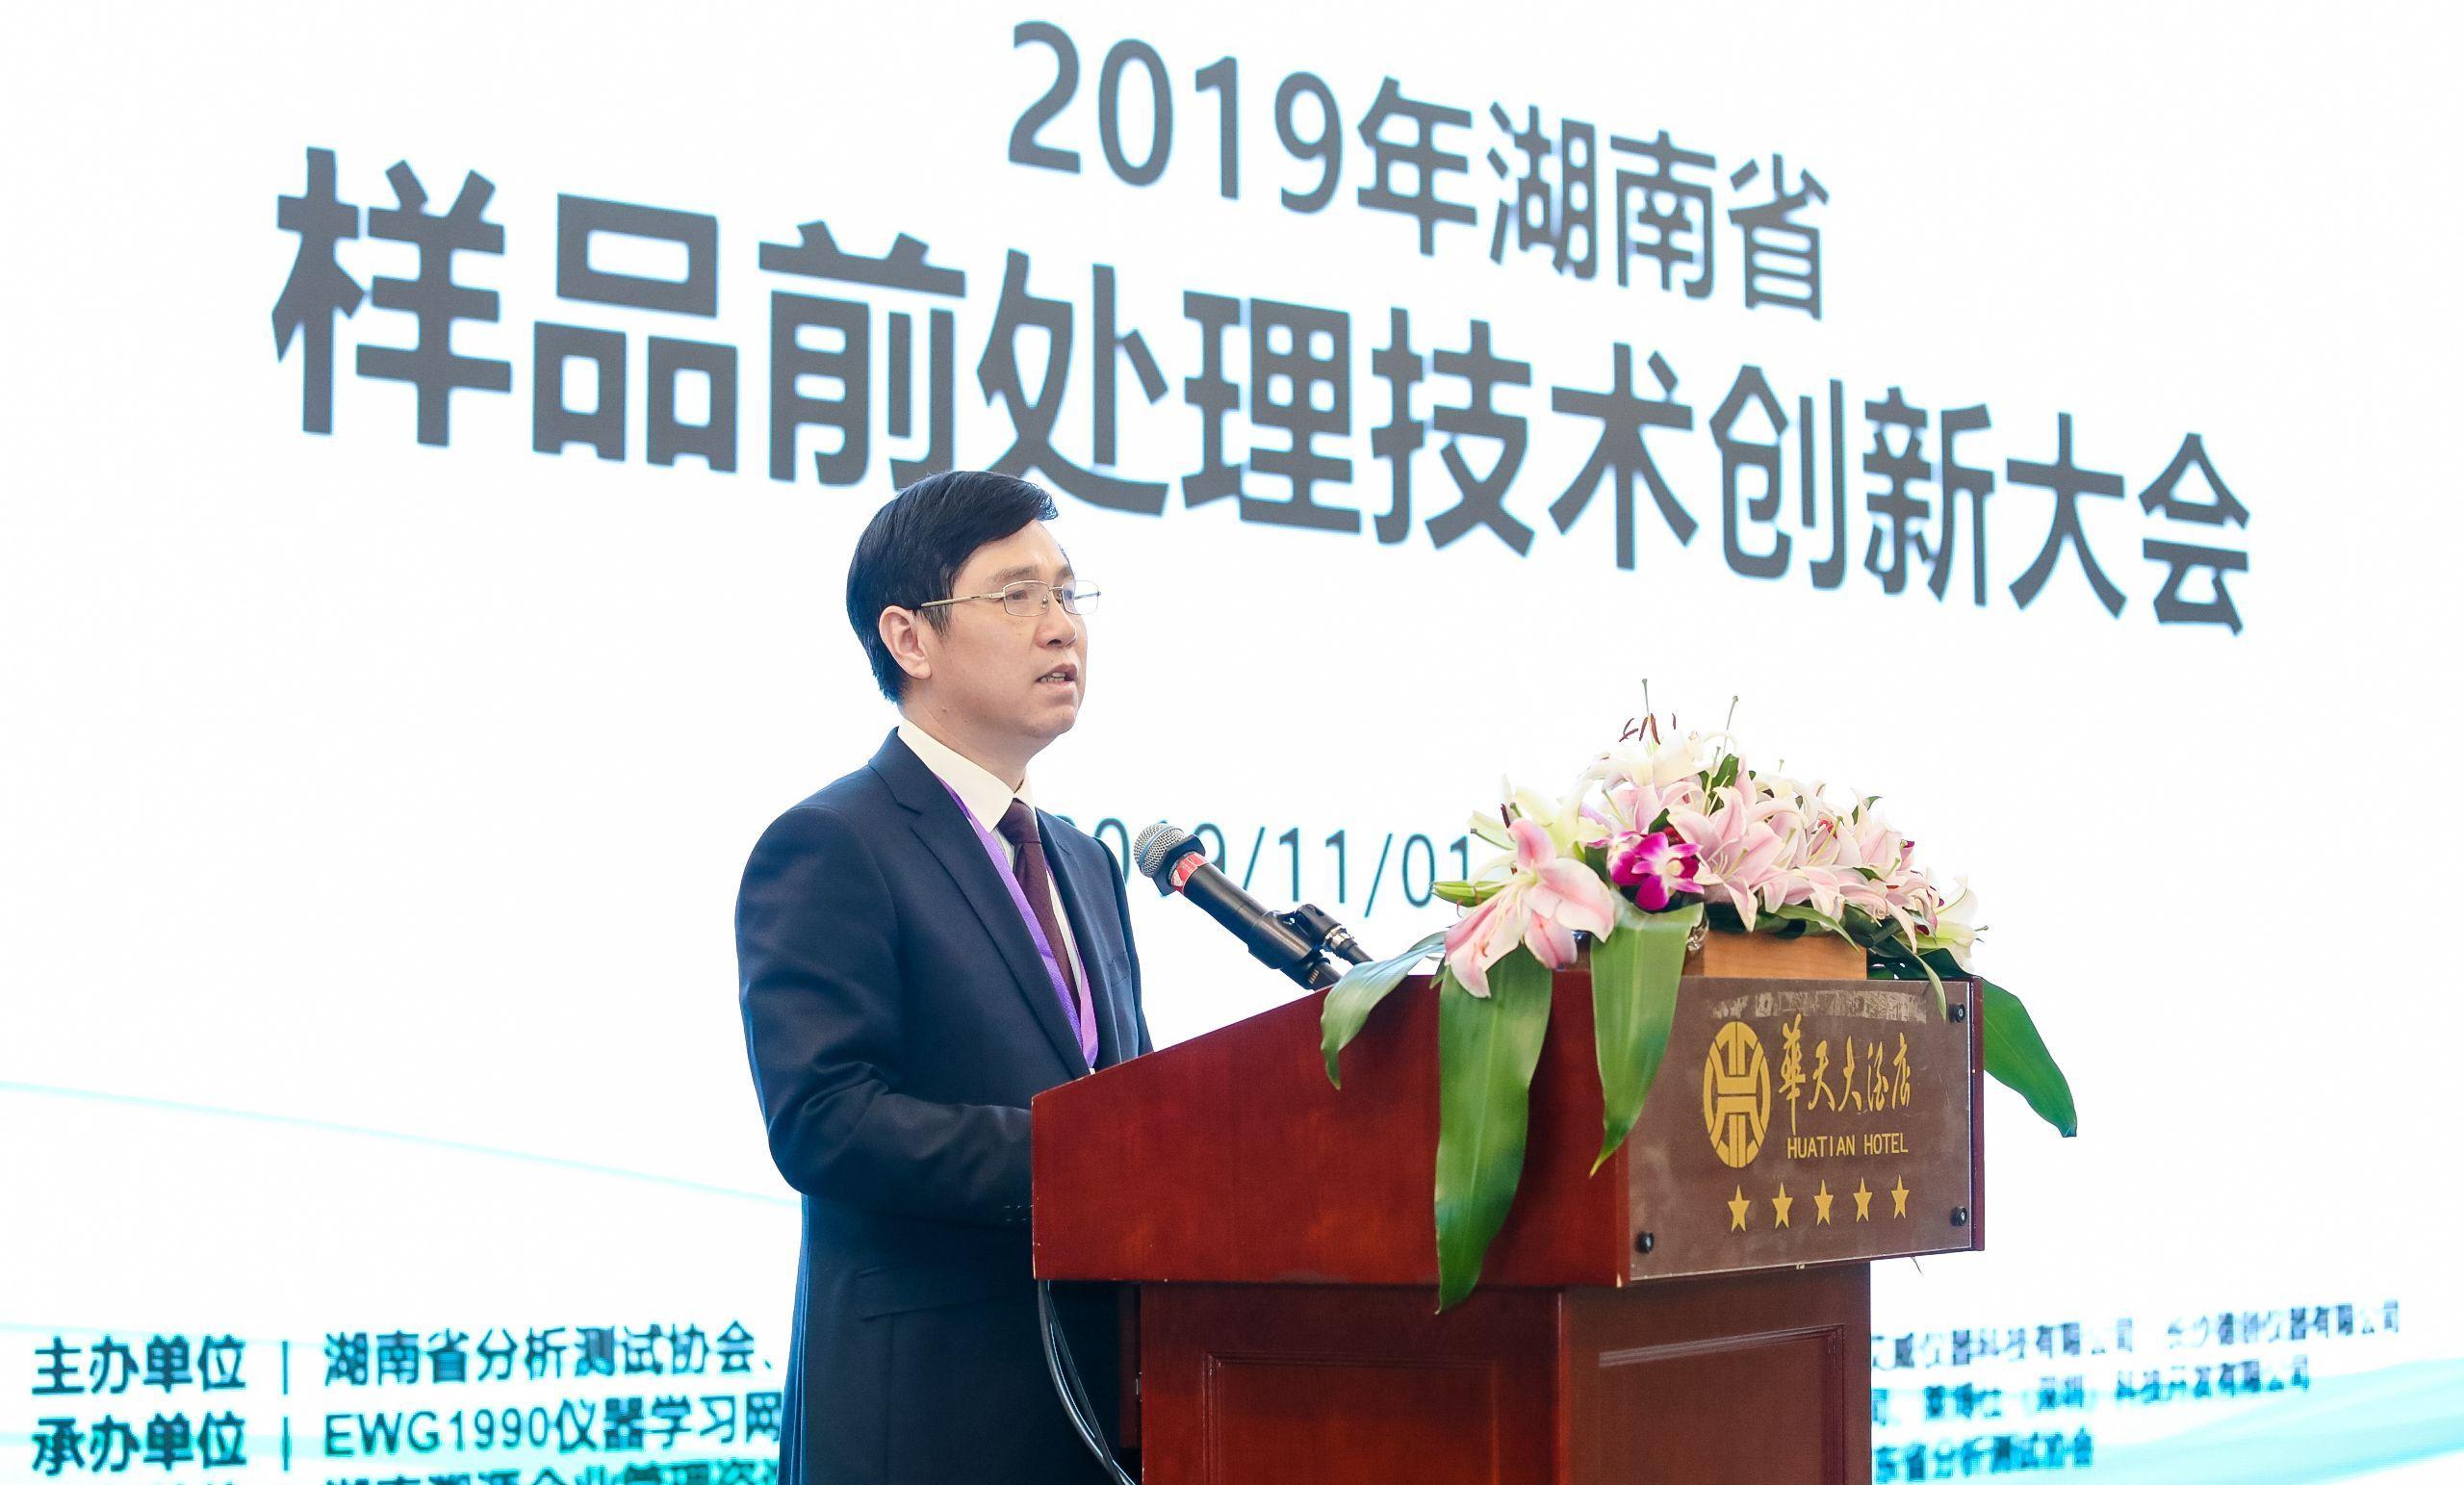 青岛埃仑受邀参加2019湖南省样品先进处理技术创新大会圆满结束